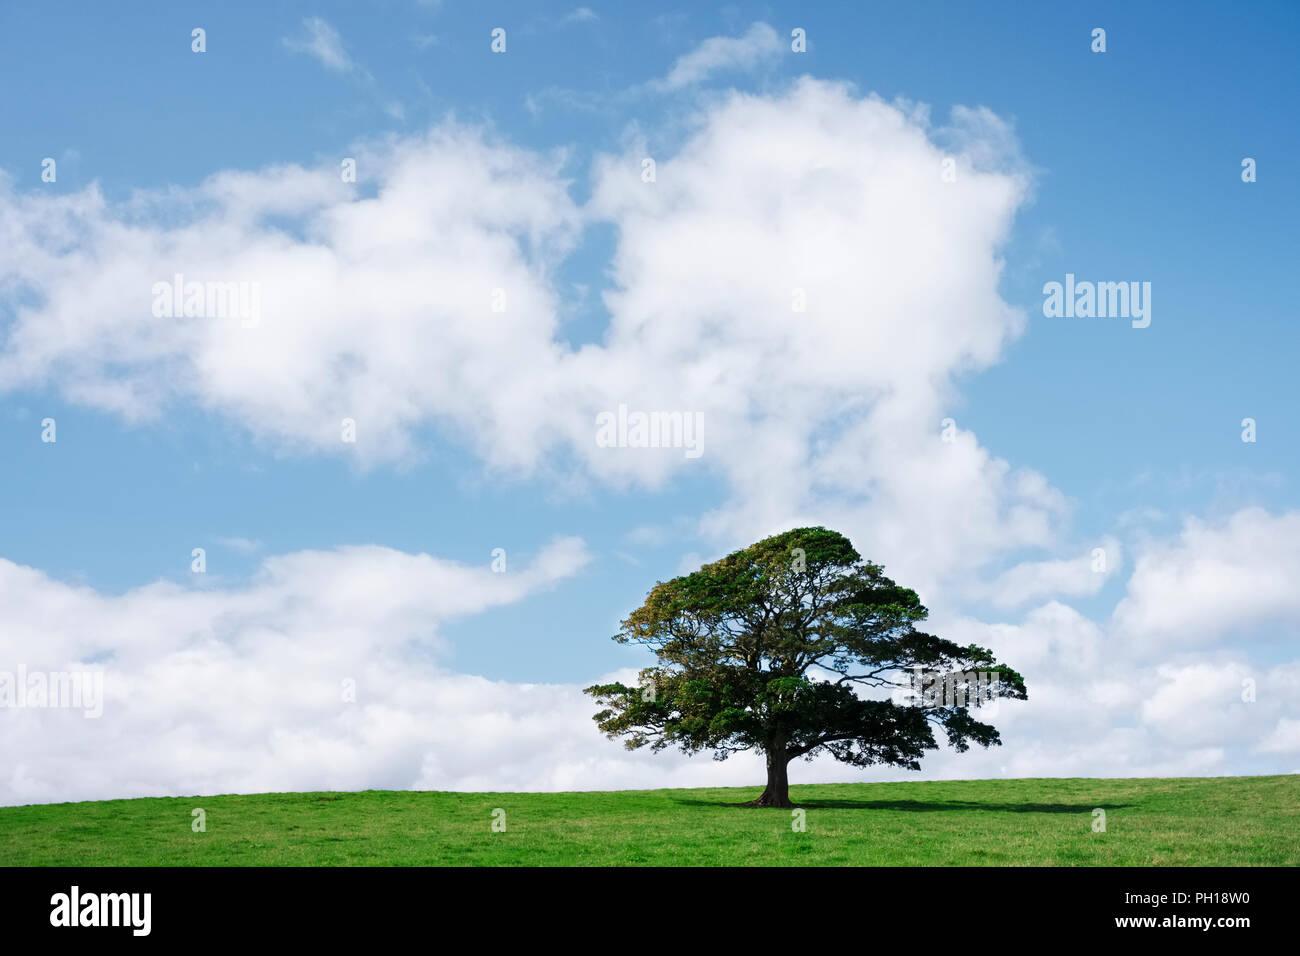 Einzelnen Baum auf grünem Gras gegen den blauen Himmel und Wolken Stockbild